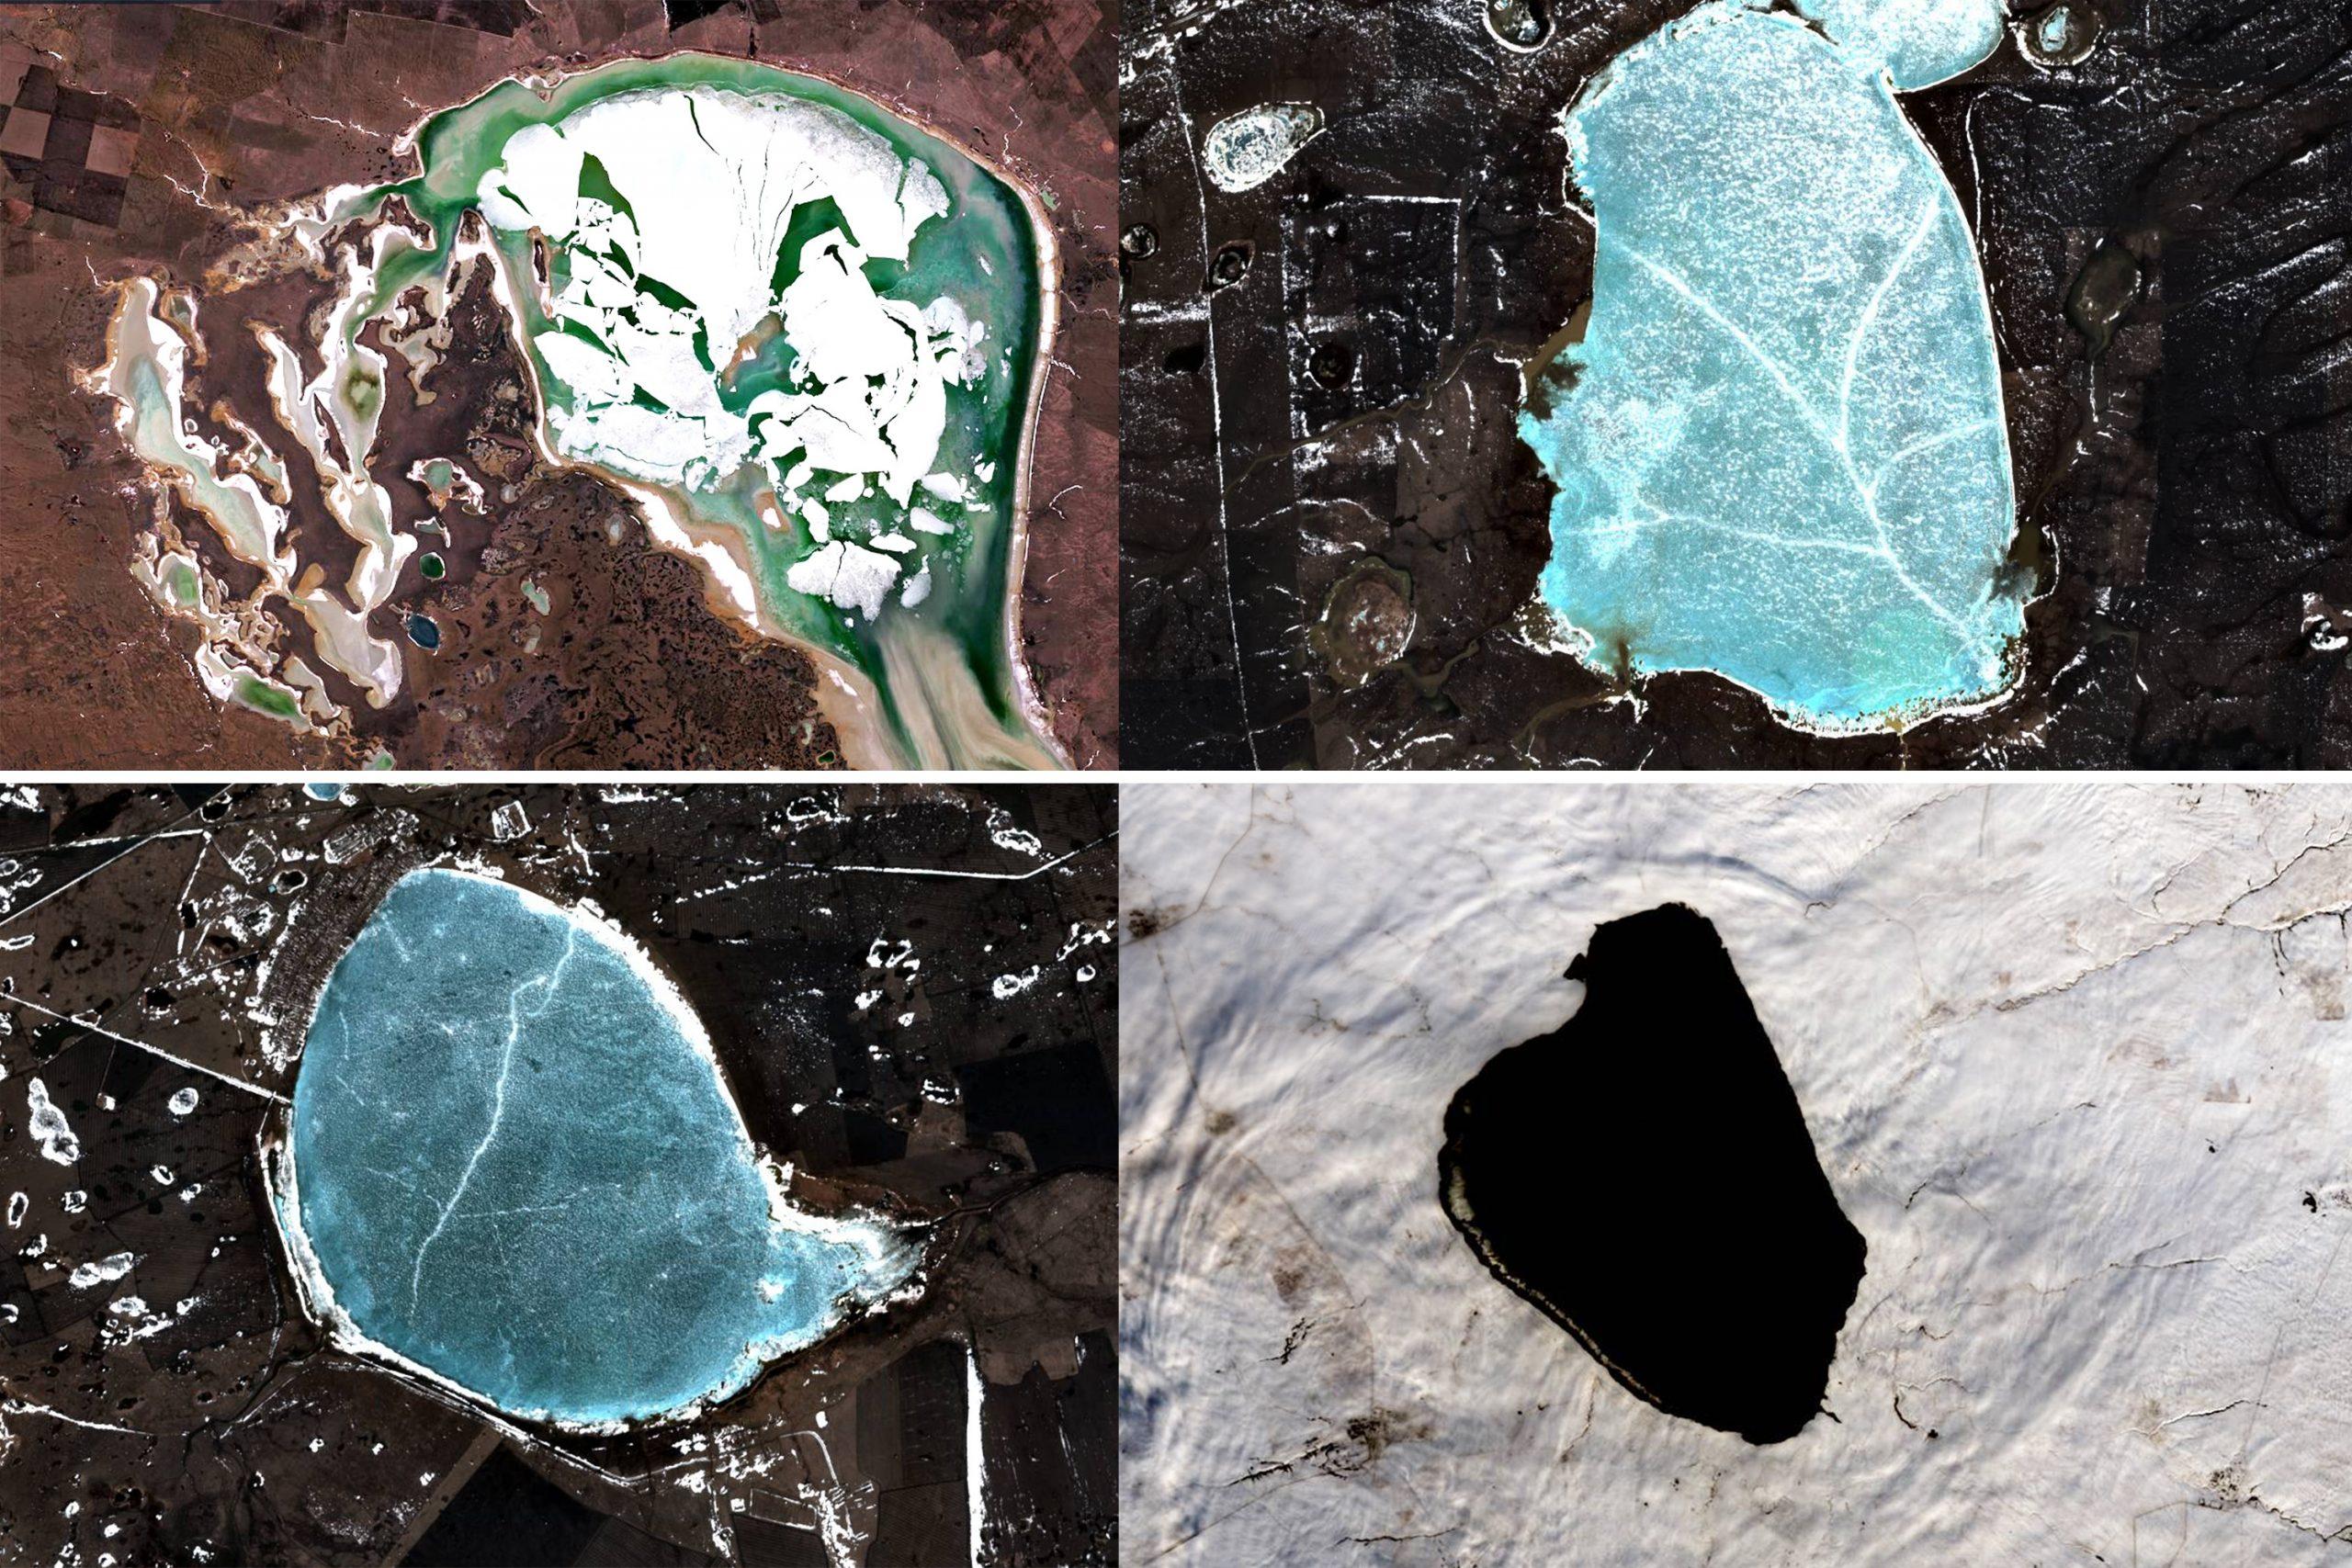 Километровые льдины, зеленая вода и незамерзающее озеро на севере Казахстана